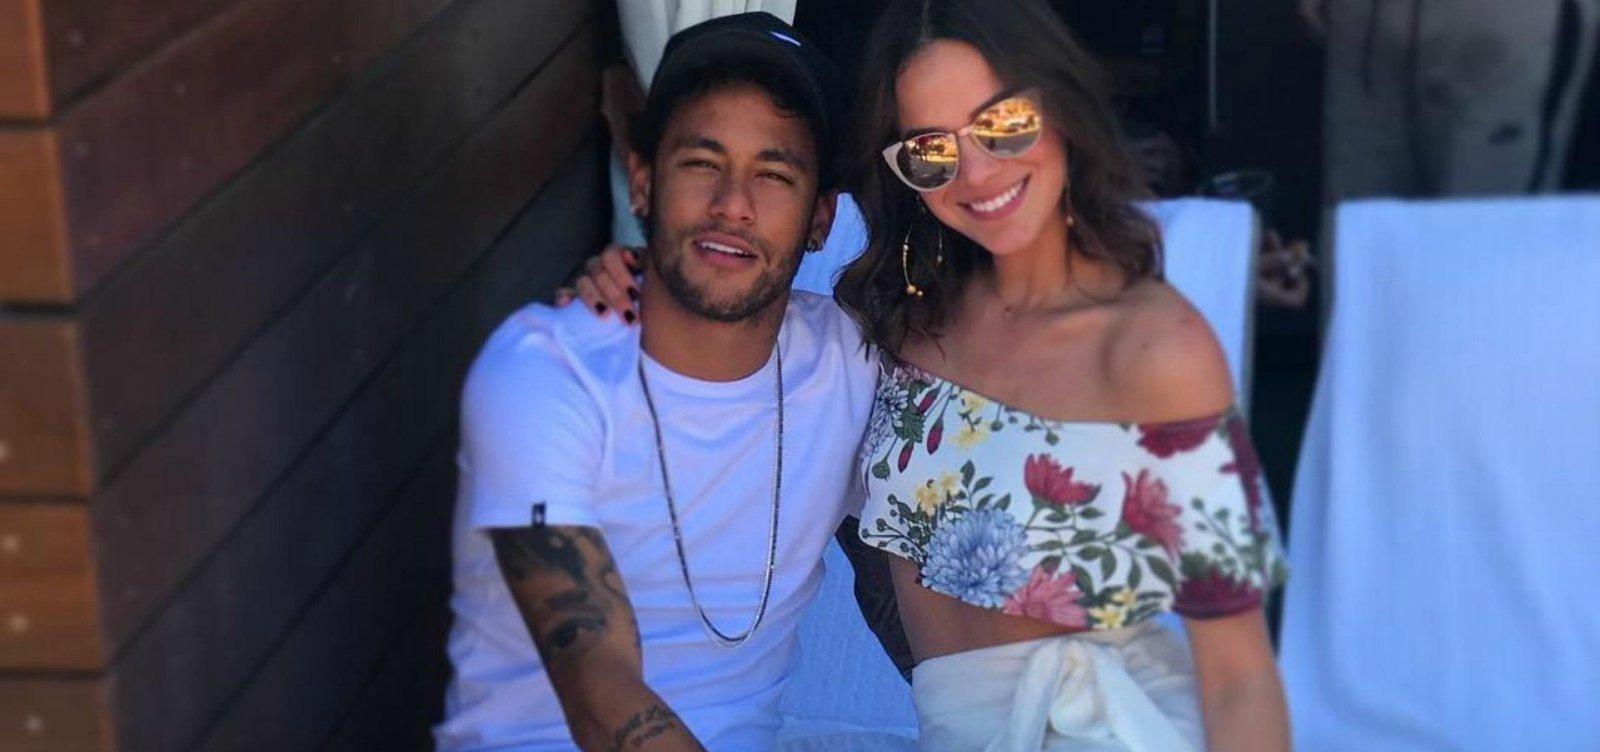 [Após rumores, Bruna Marquezine confirma término com Neymar]